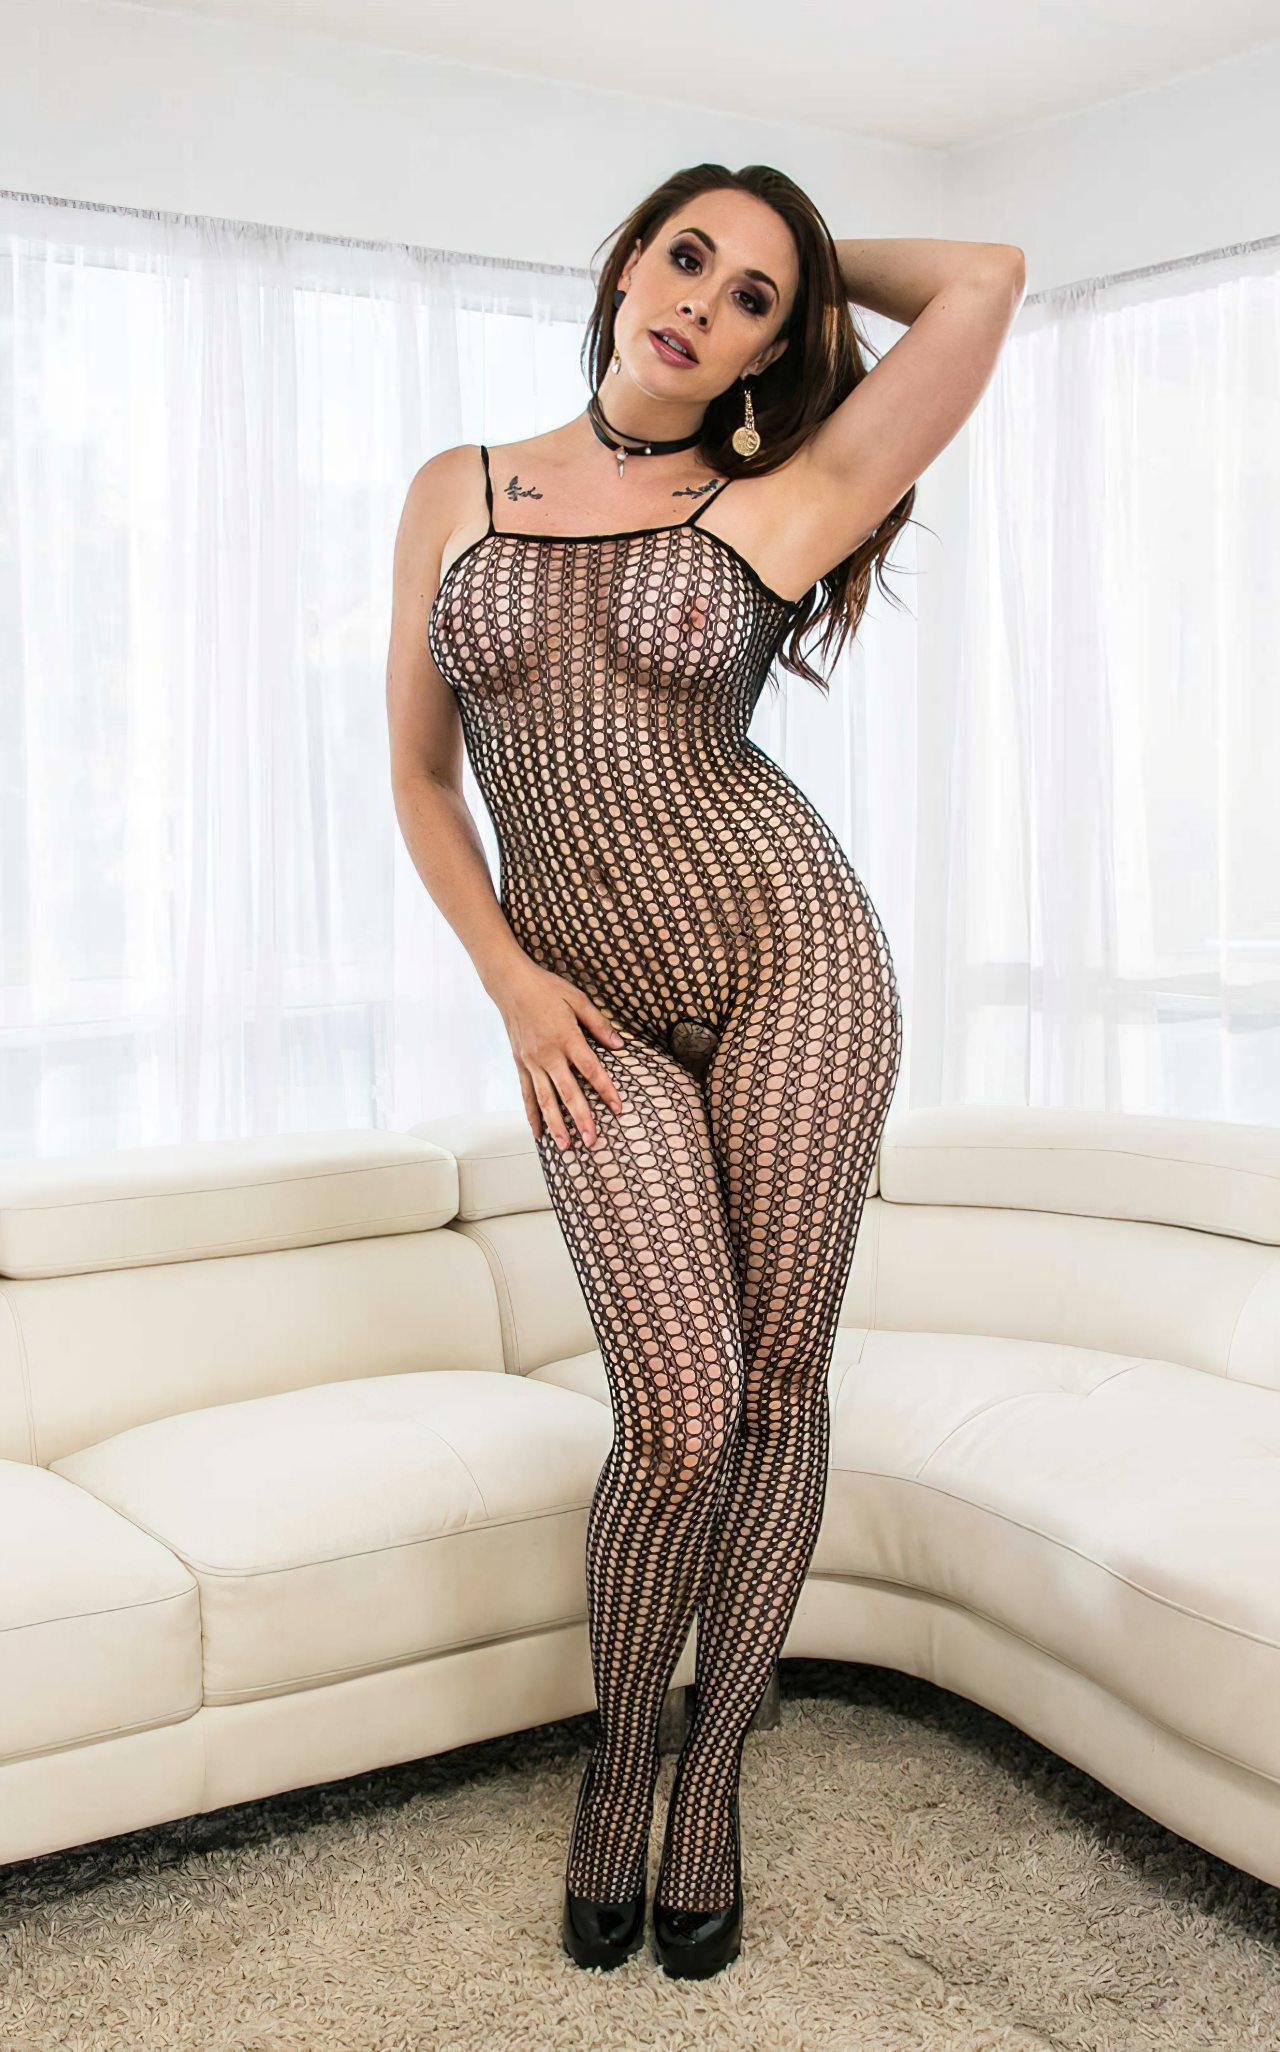 Chanel Preston Nua (39)